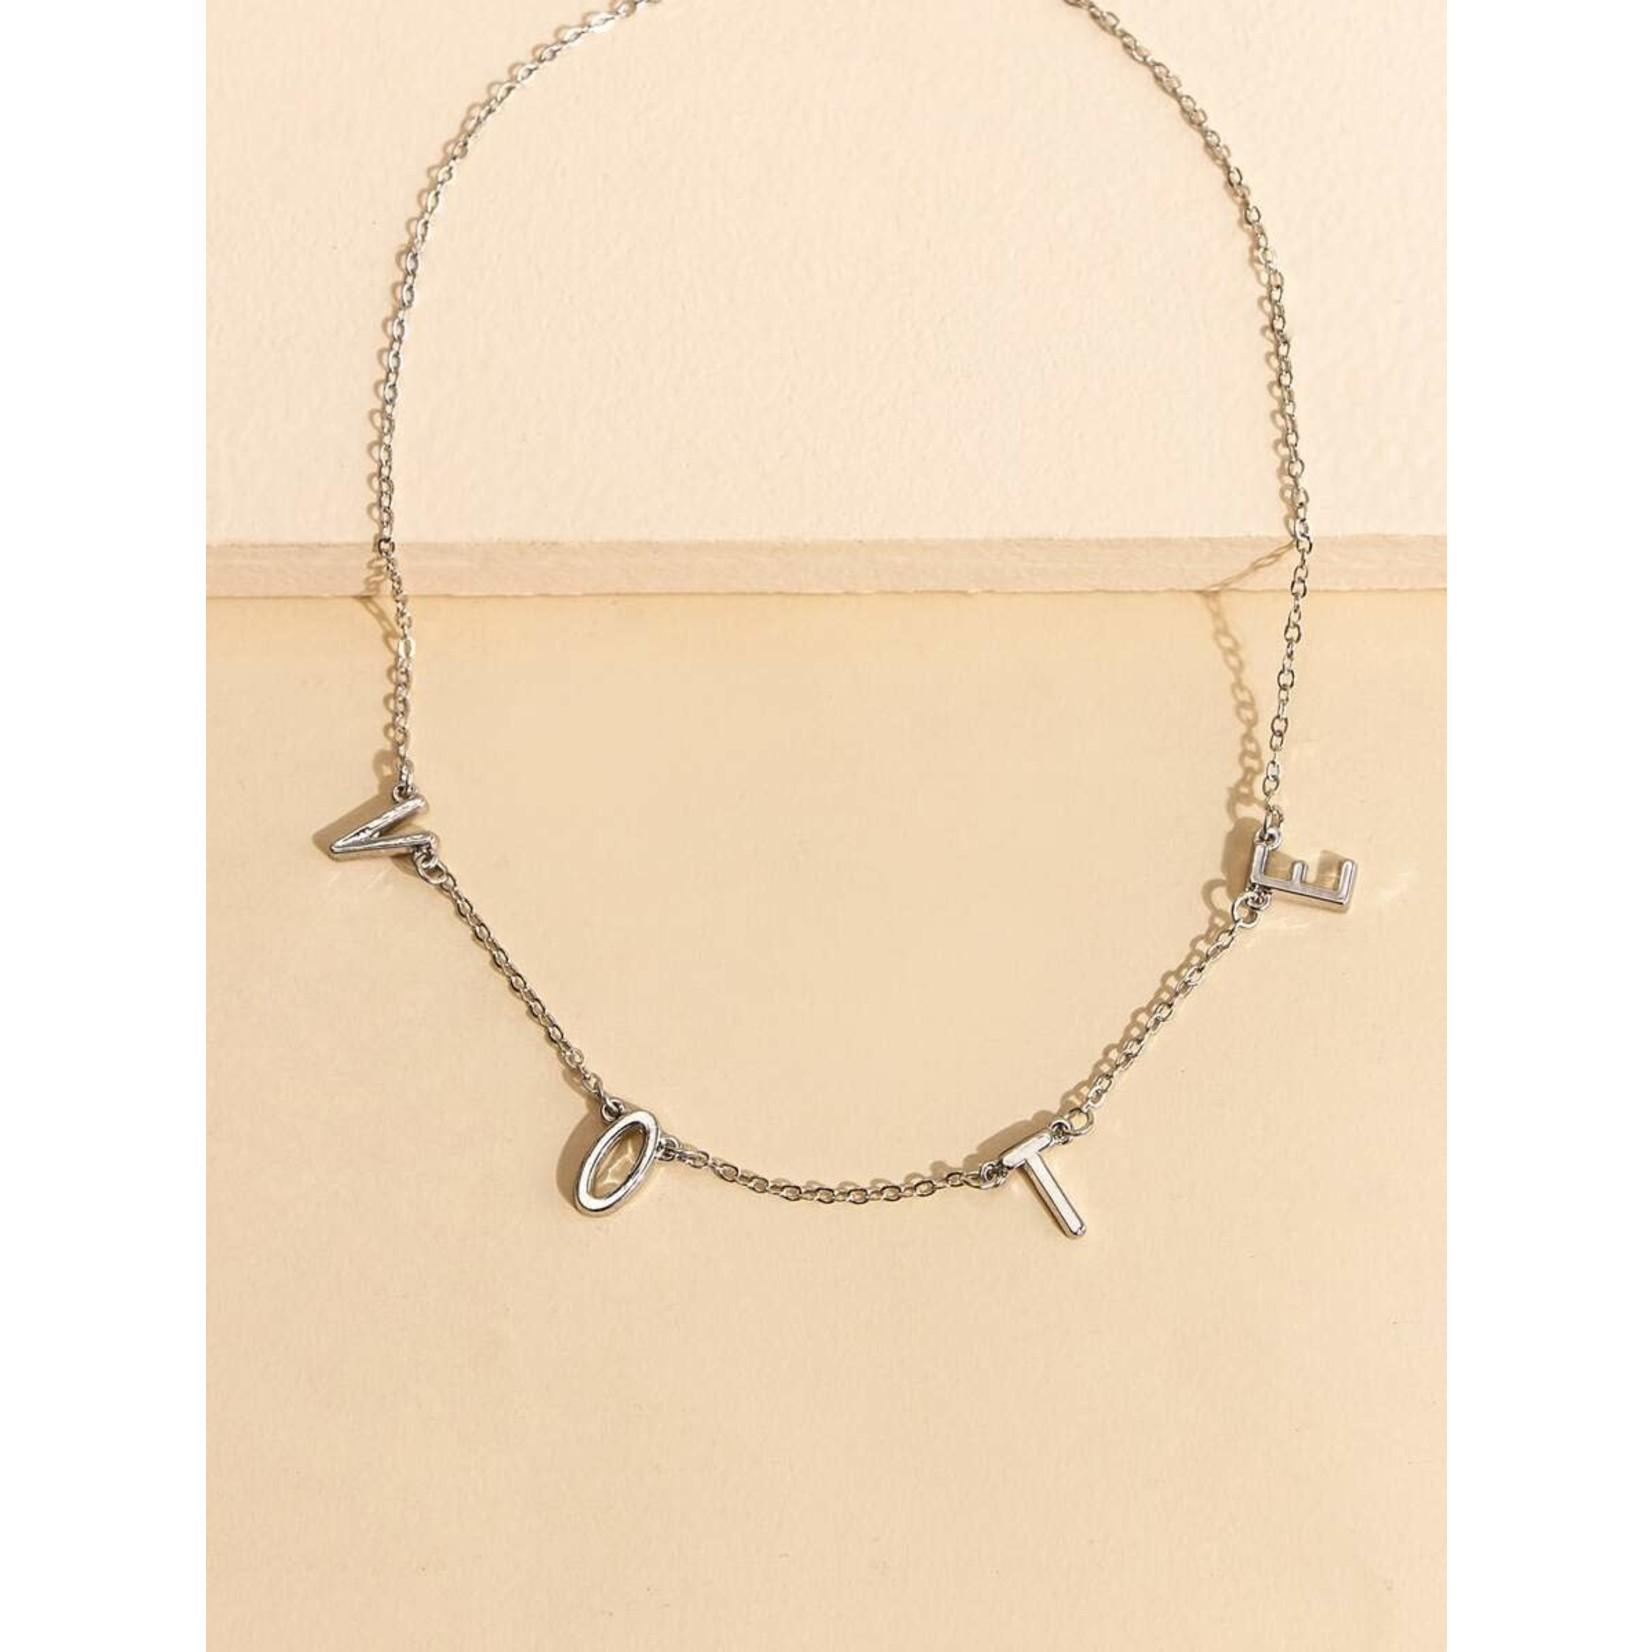 Necklace - VOTE - (Silver tone)